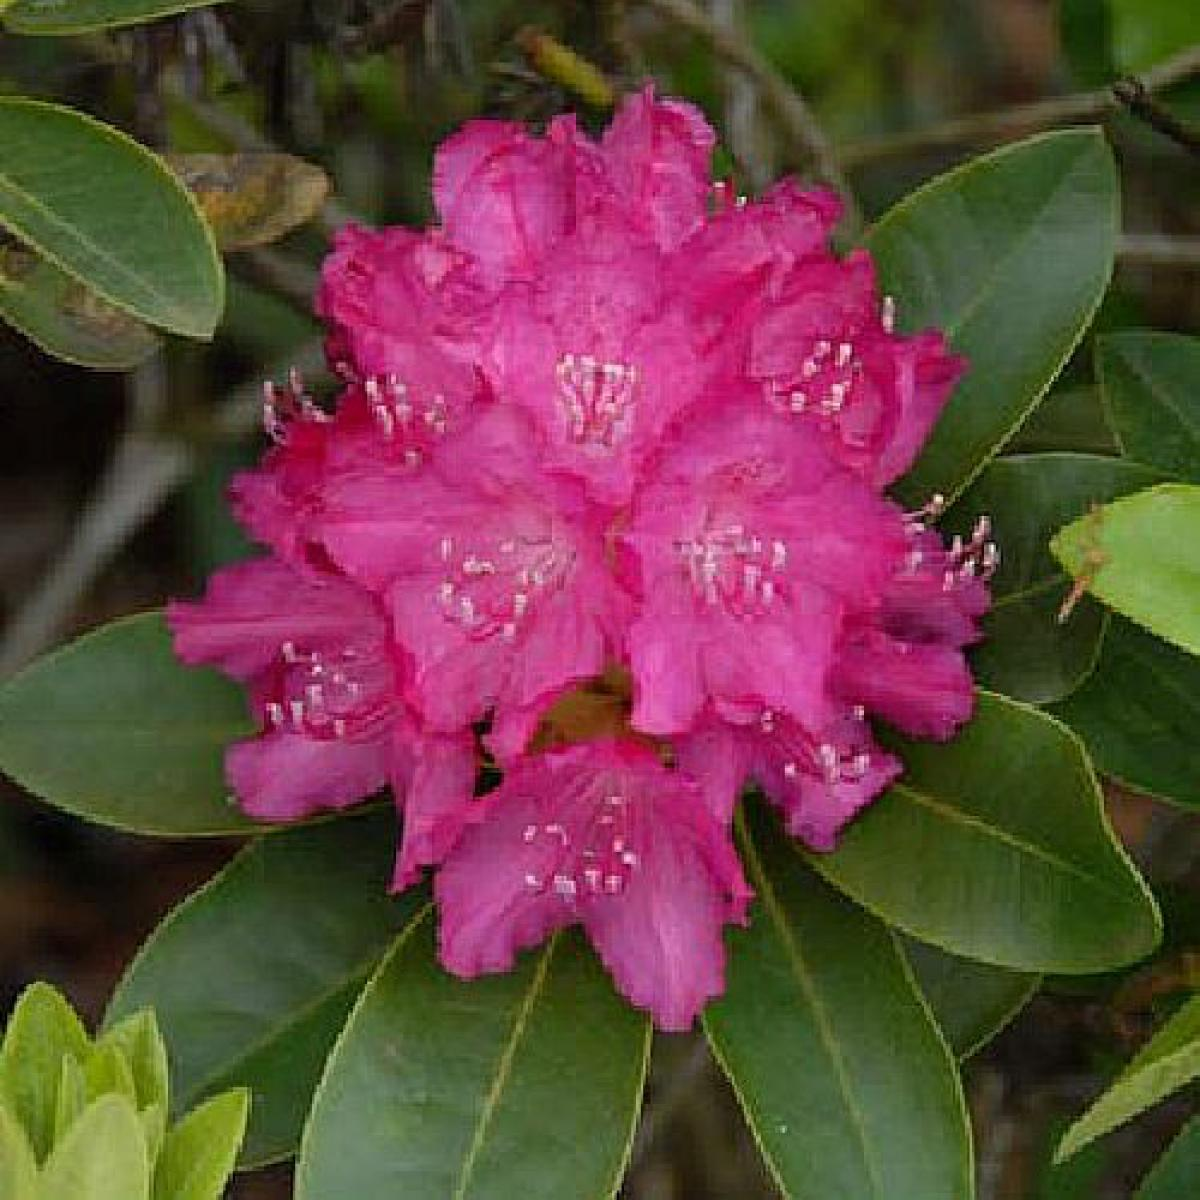 sortiment rhododendron gro blumige hybriden. Black Bedroom Furniture Sets. Home Design Ideas